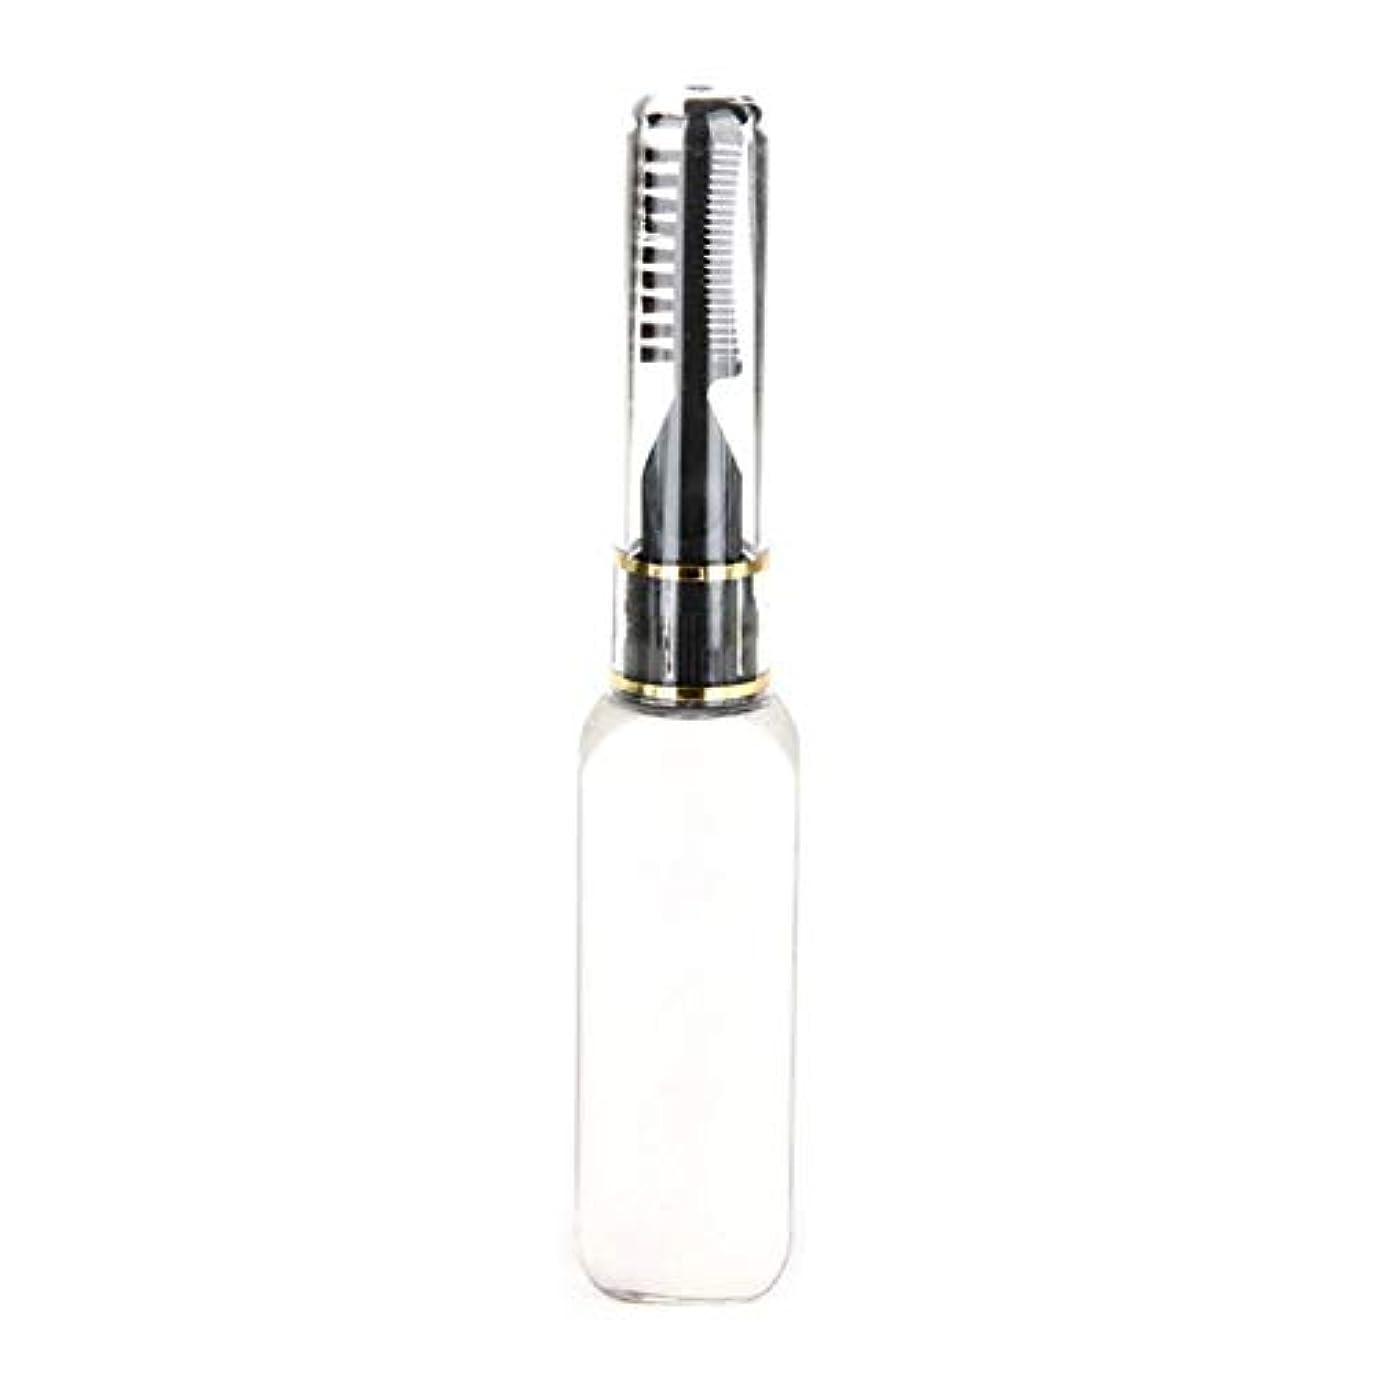 利点センチメートル疾患SILUN ヘアカラークリーム美容用品 - 色の一時的 髪 染めペン ヘアカラーワックス ケアには傷つかない ハロウィン パーティー コスプレー 日常用